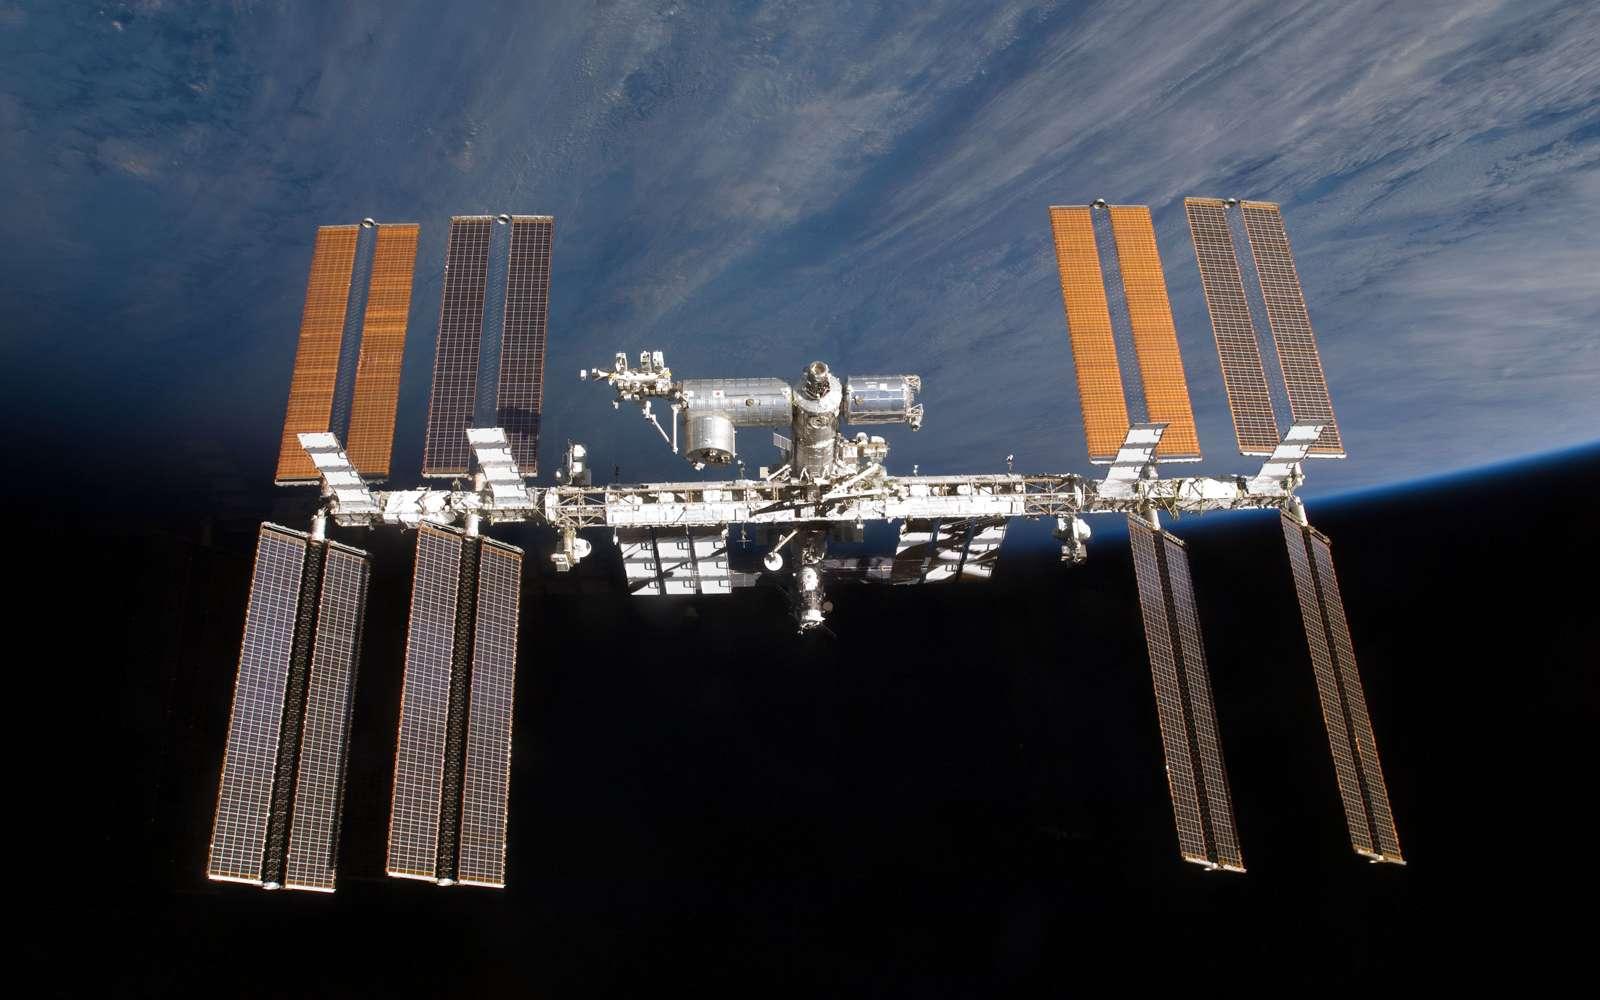 Les partenaires de la Station sont d'accord pour poursuivre son exploitation au-delà de 2016 avec le souci d'augmenter le retour scientifique et de réduire les coûts d'utilisation. Crédit Nasa